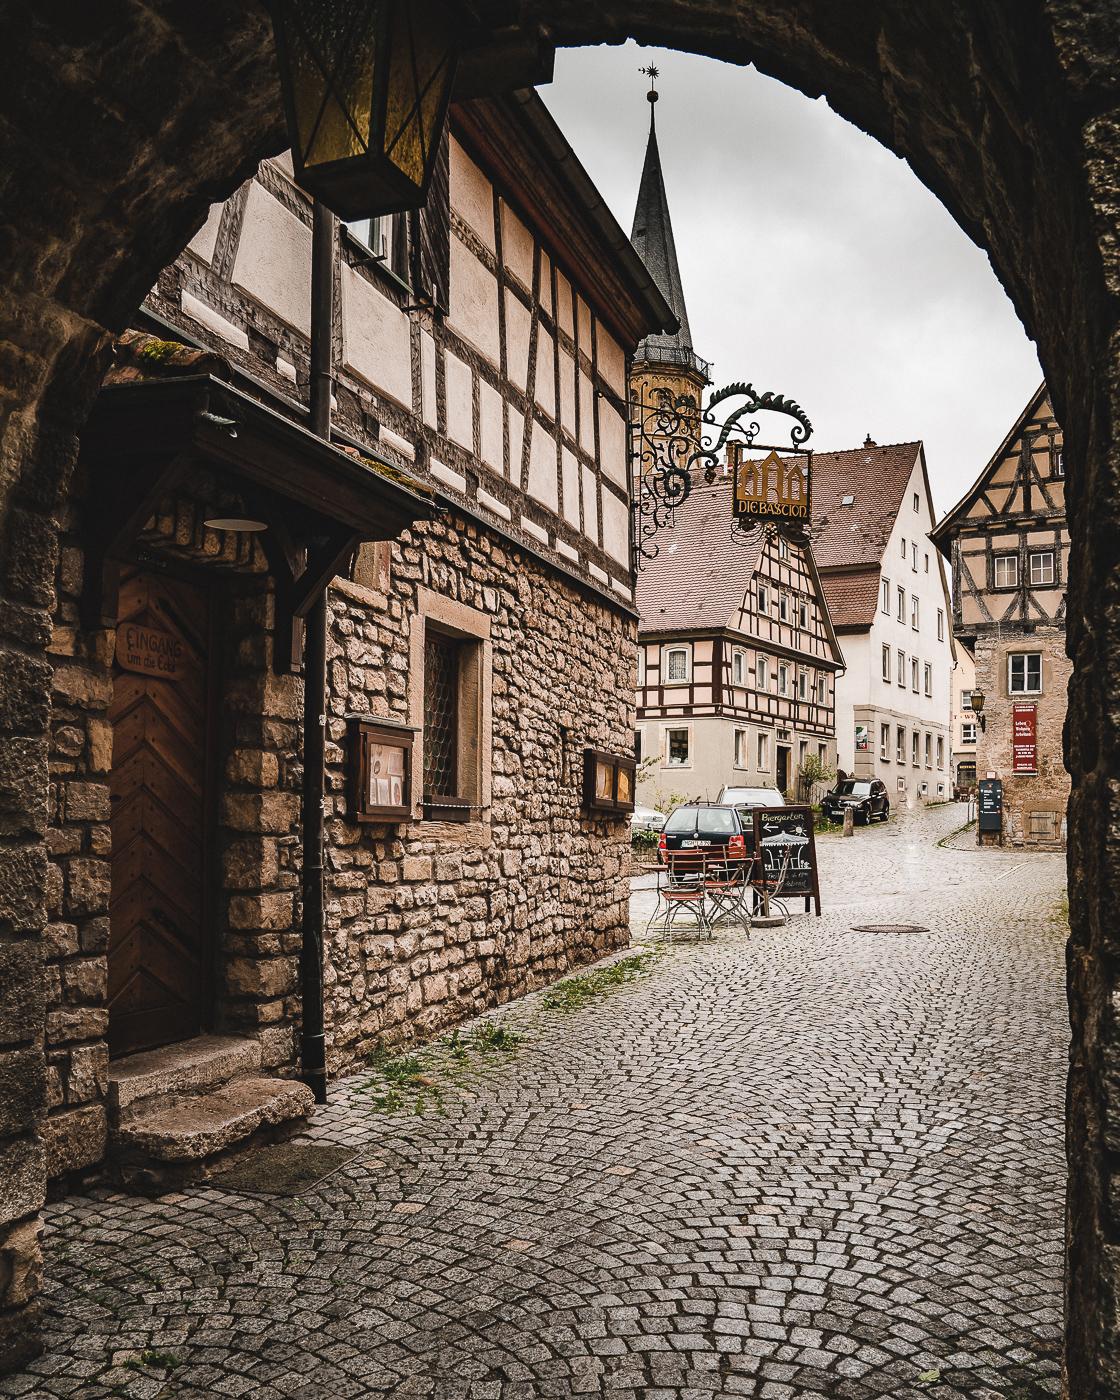 Torbogen in Altstadt Weikersheim